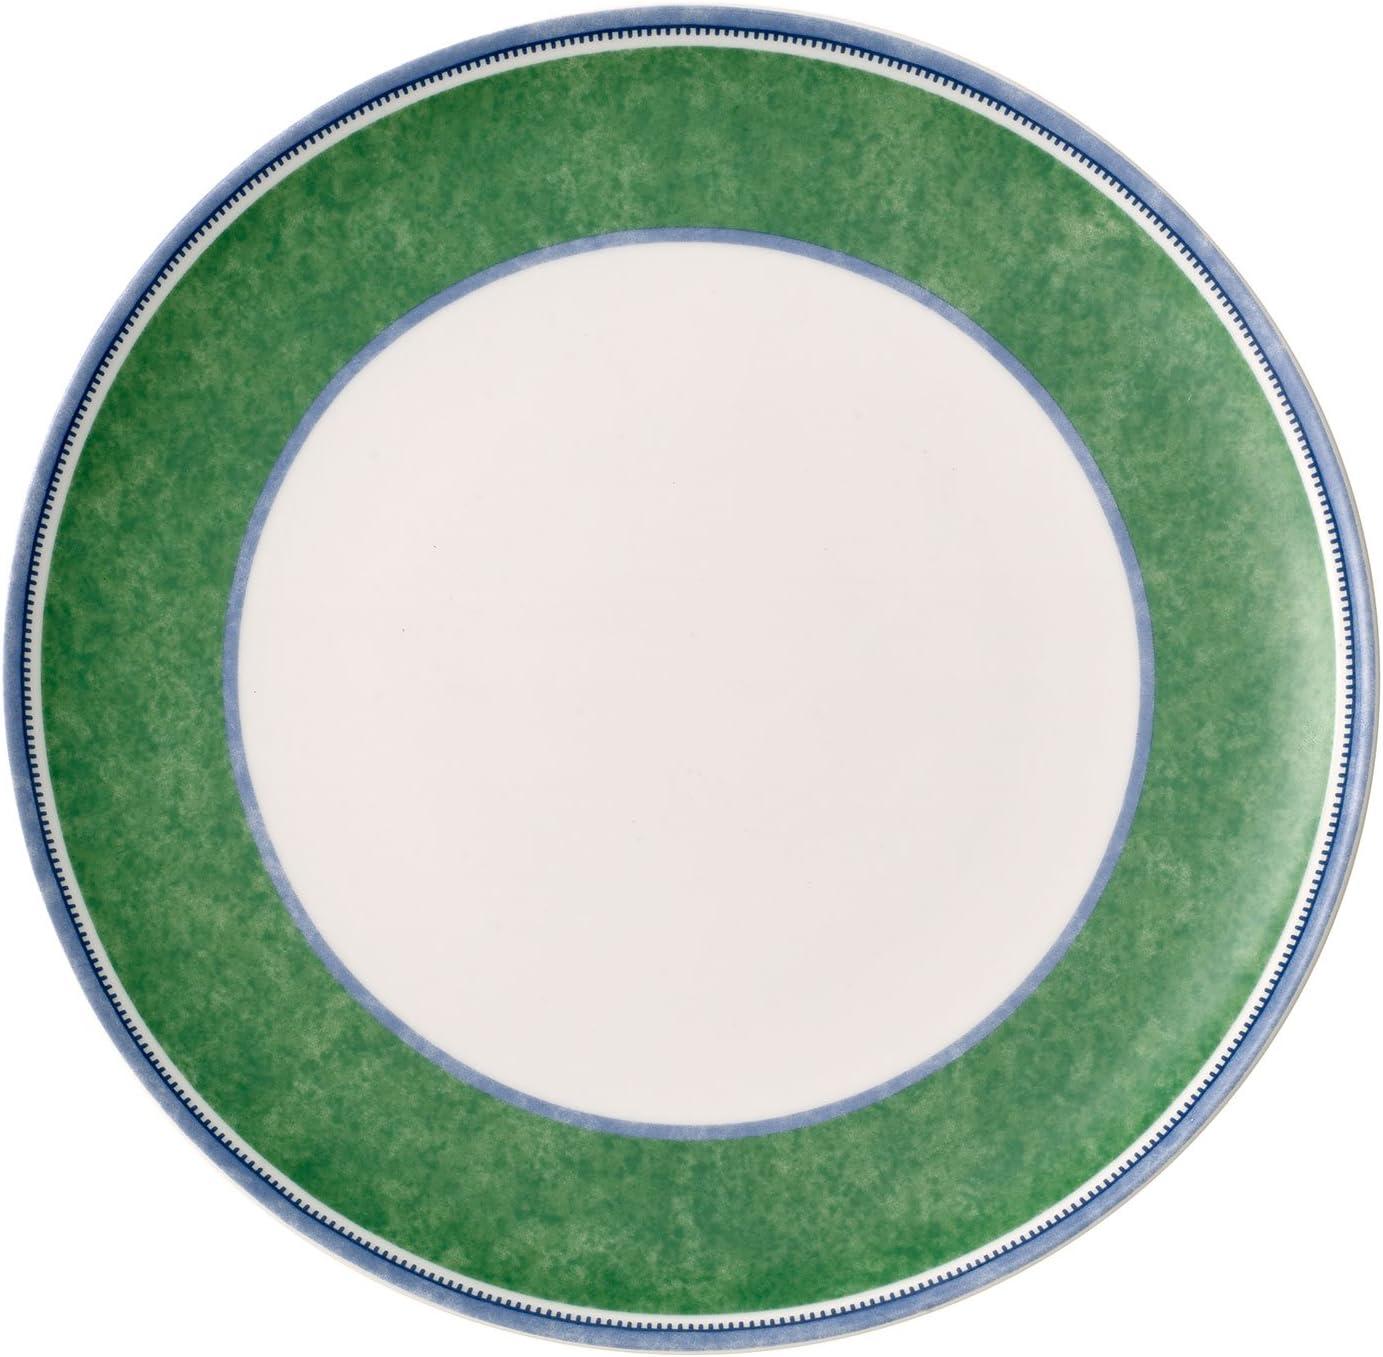 ファクトリーアウトレット Villeroy Boch Costa Coup Dinner Plate 10.25 Green in White B 期間限定